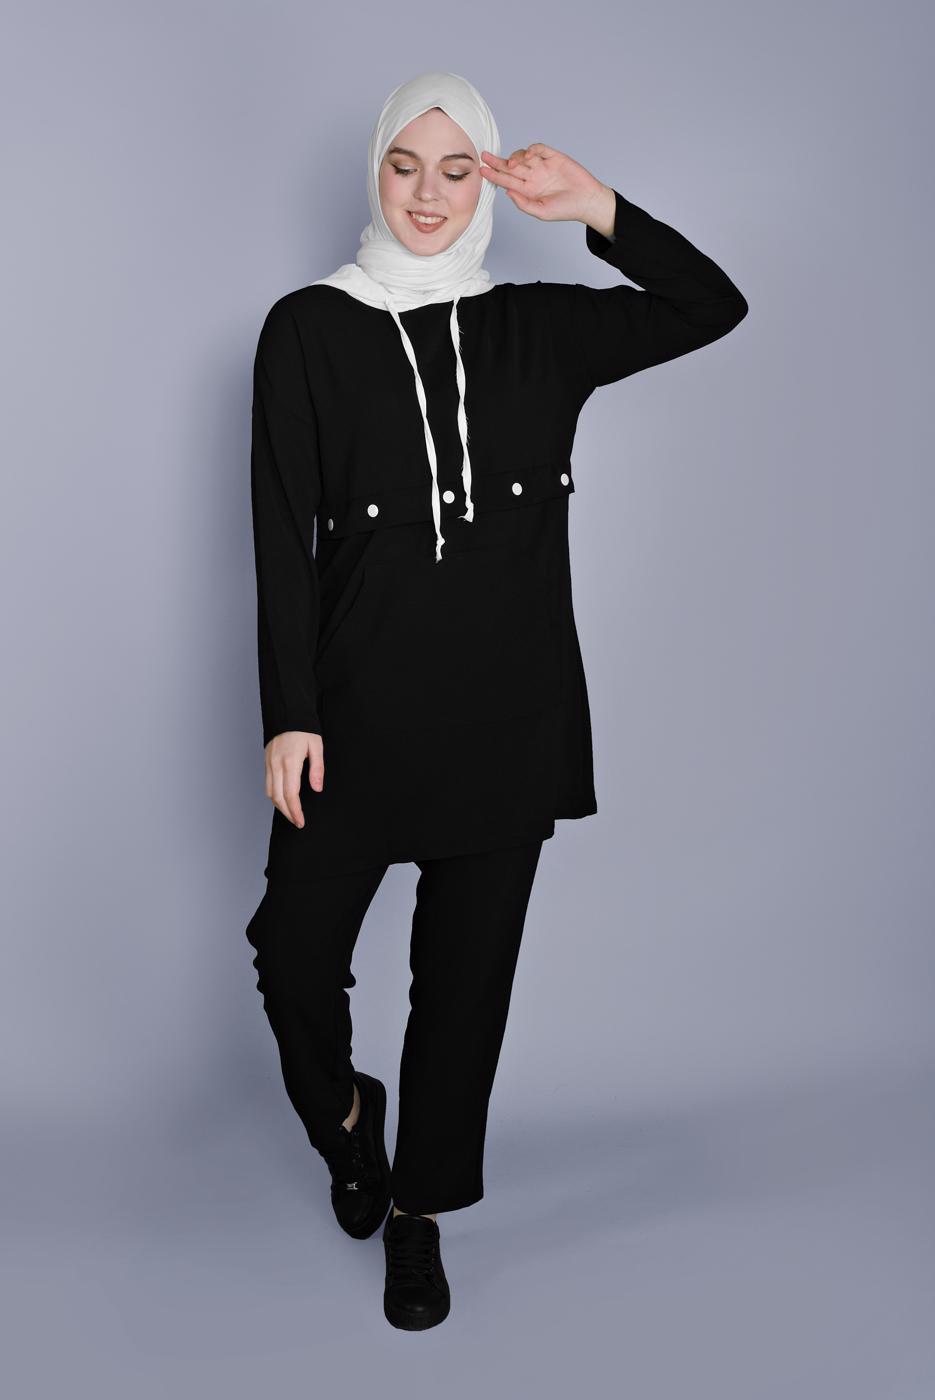 Female BLACK PANTS SUIT  9366